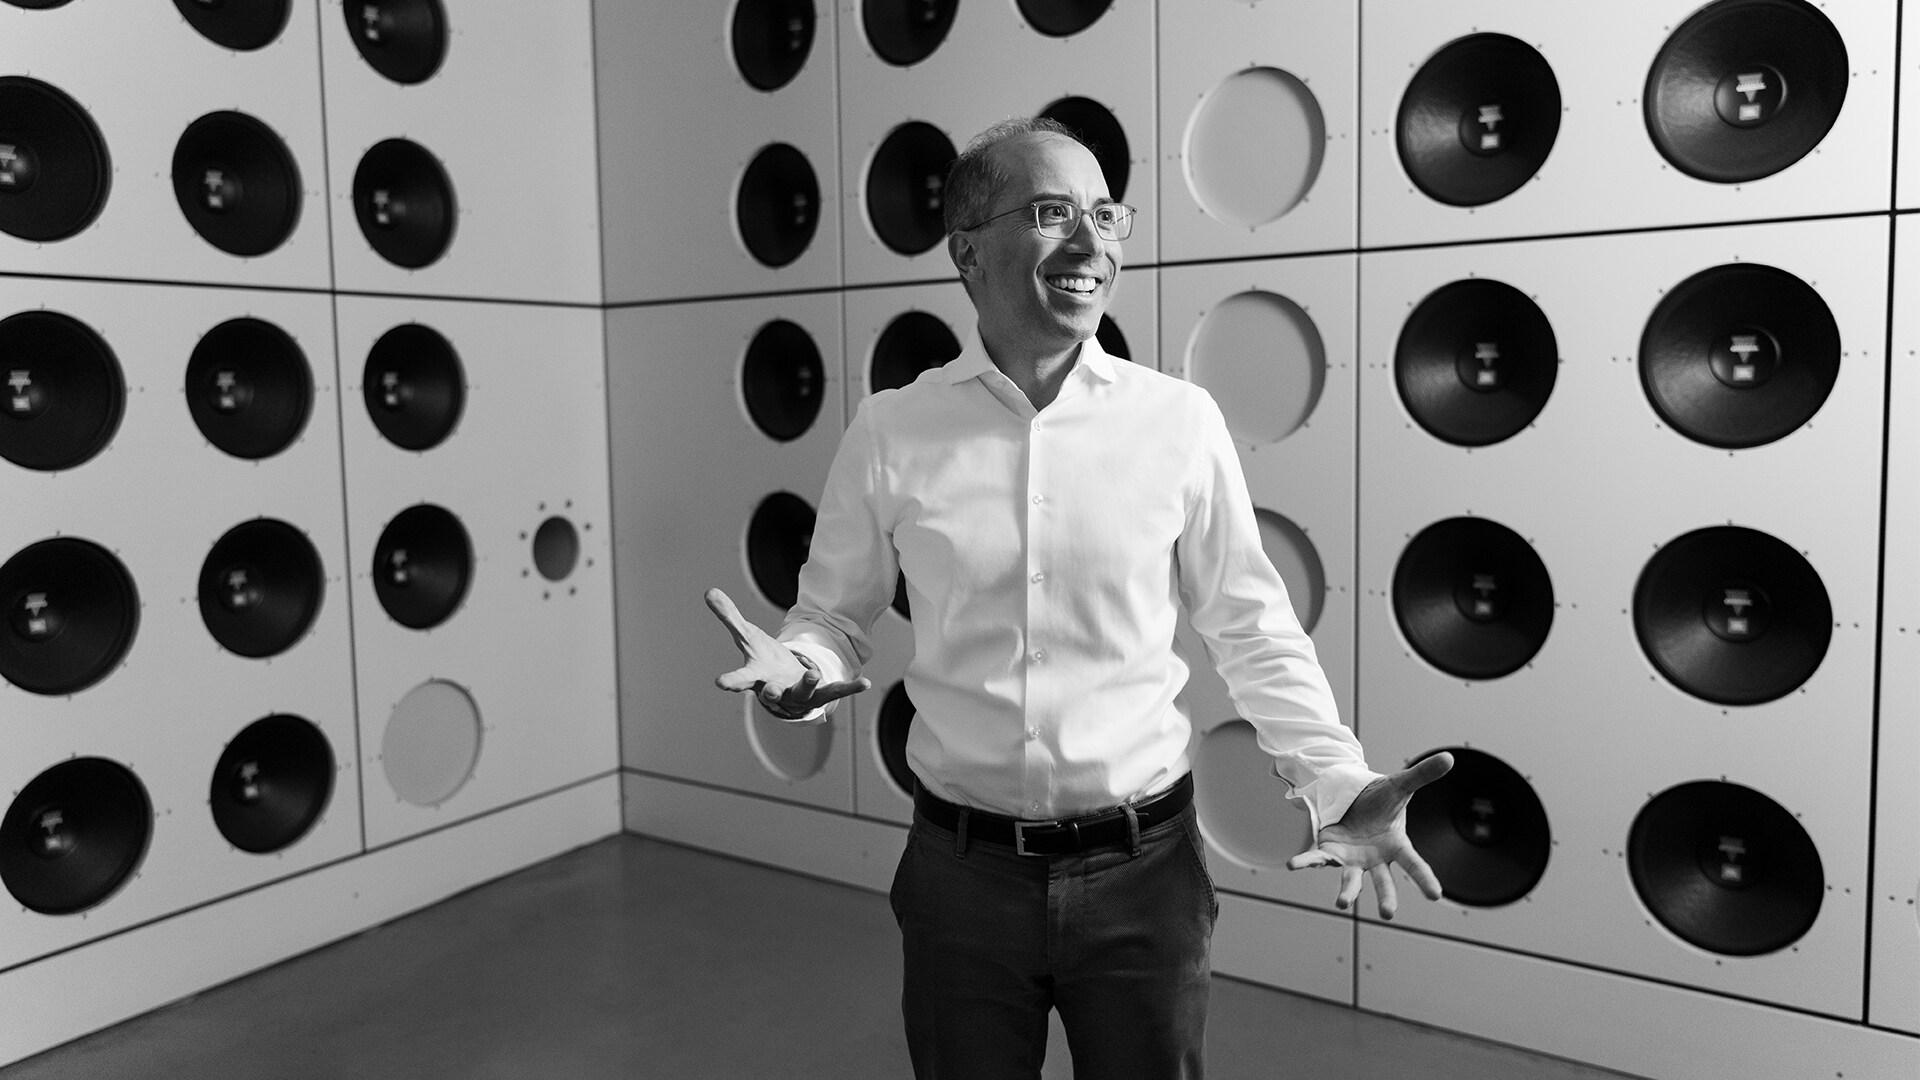 Dr. Moni Islam, vodja razvoja na področju aerodinamike/aeroakustike pri znamki Audi, znotraj sistema za preprečevanje hrupa v vetrovniku